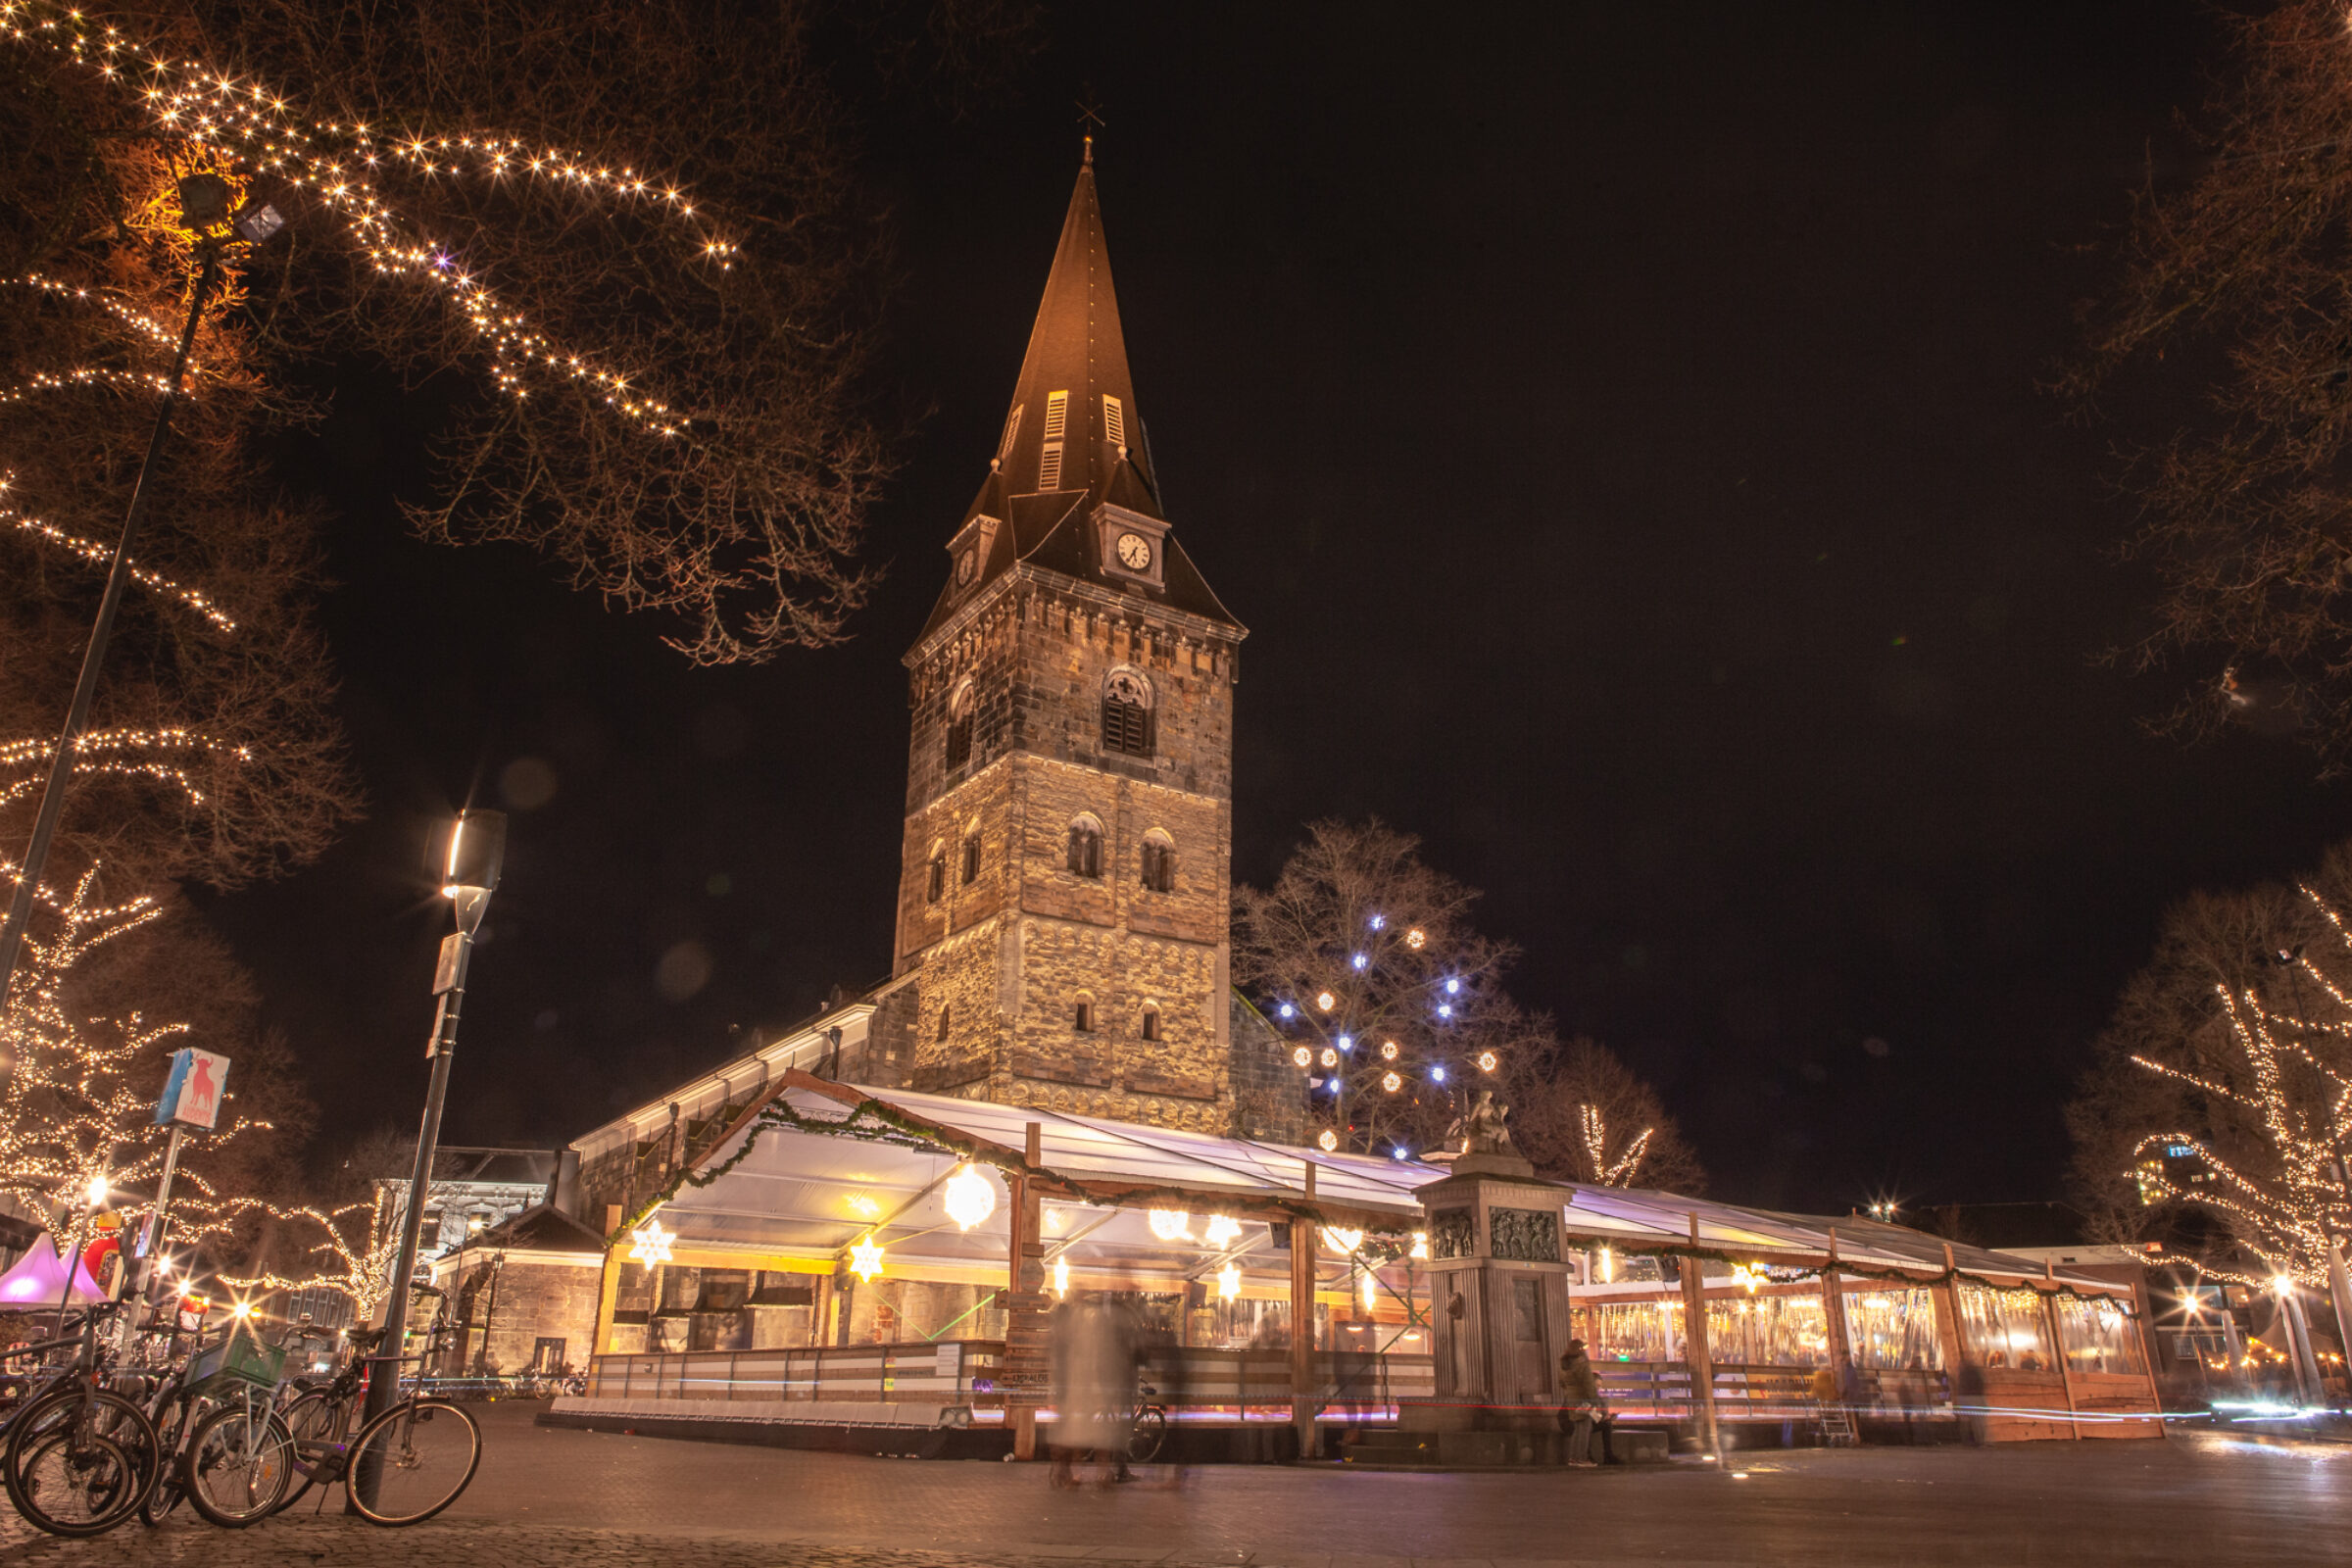 Oude Markt Winter Wonderland